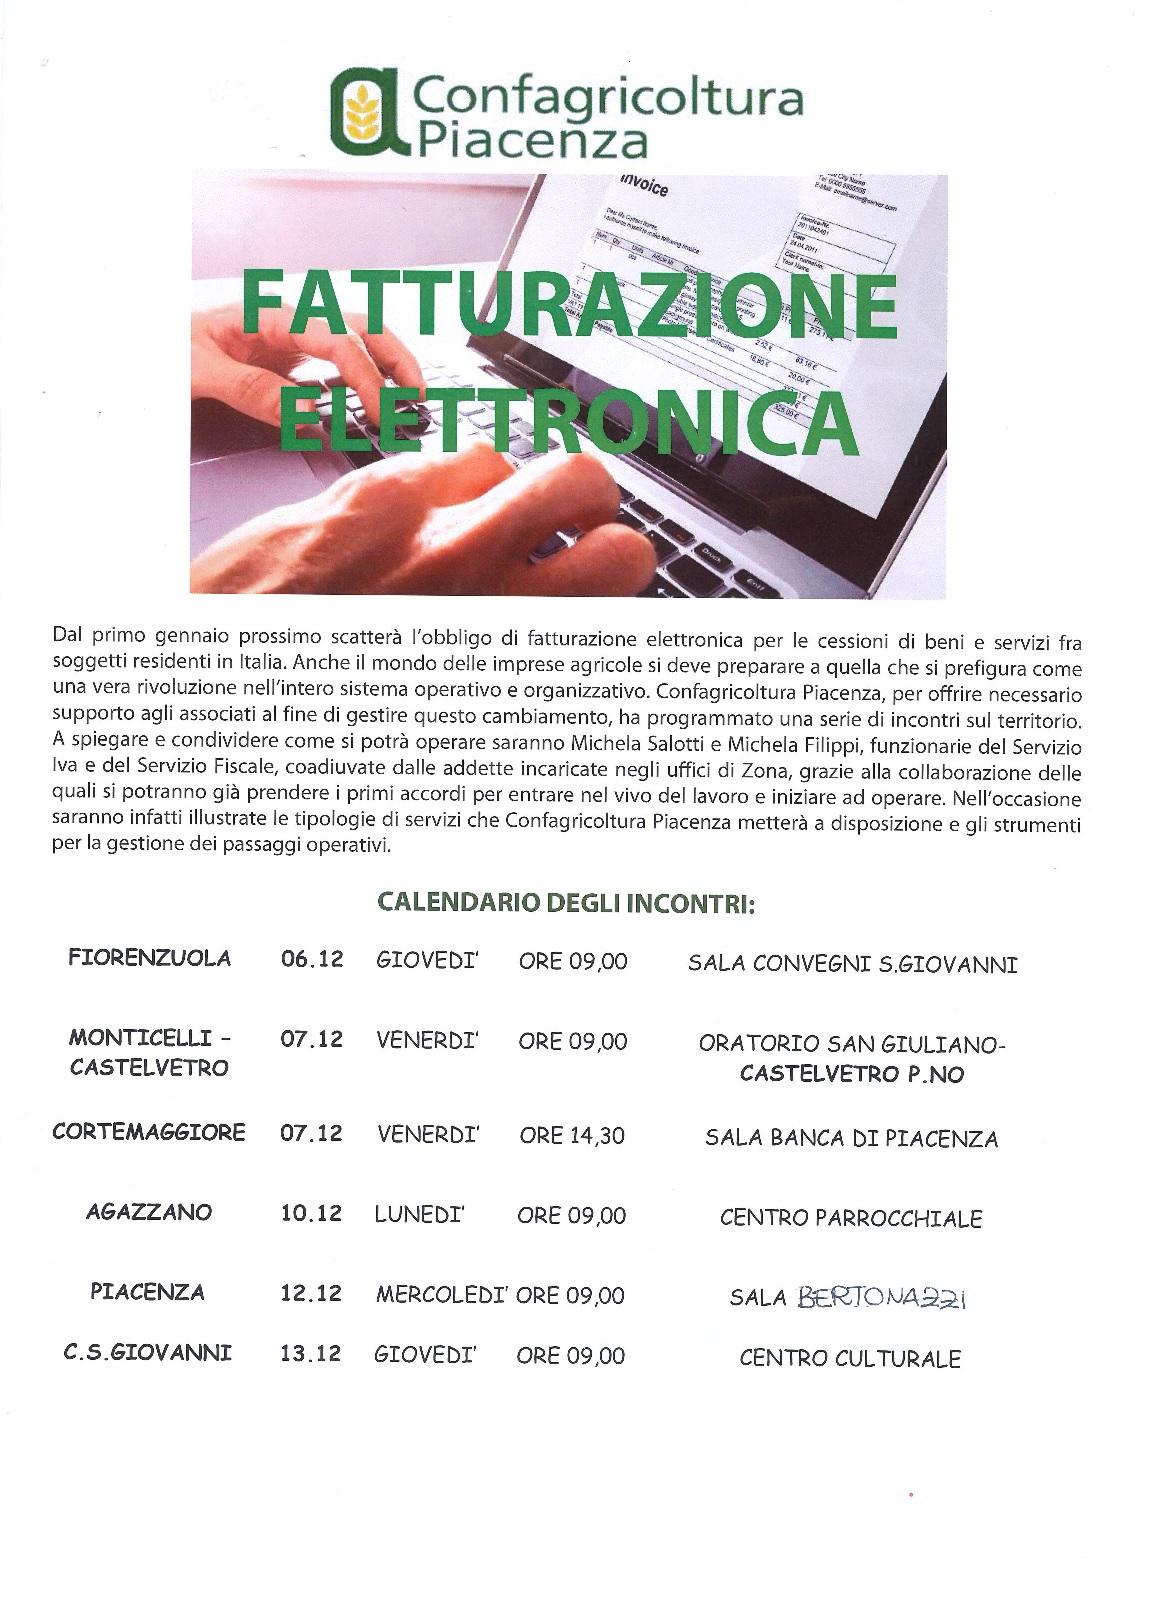 FATTURAZIONE ELETTRONICA - INCONTRI